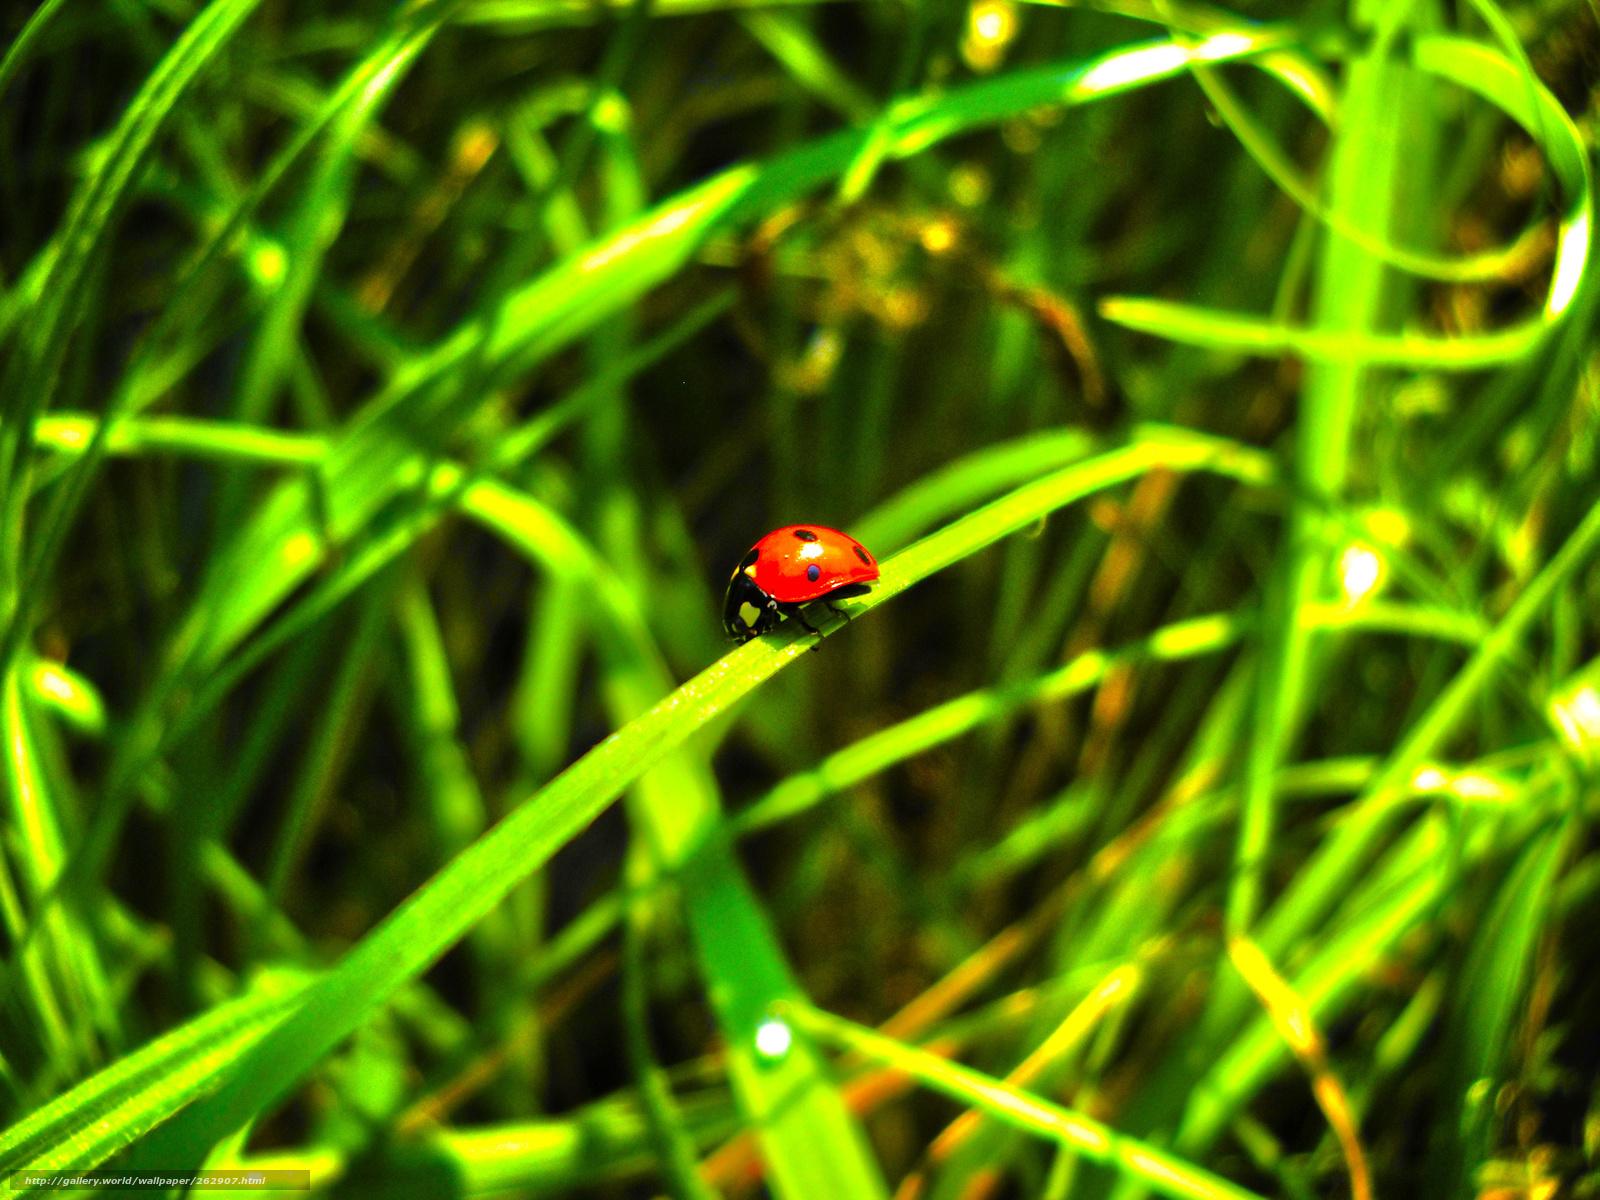 Hdr, saturace, příroda, léto, zelená, 3648x2736 obrázek / krajiny